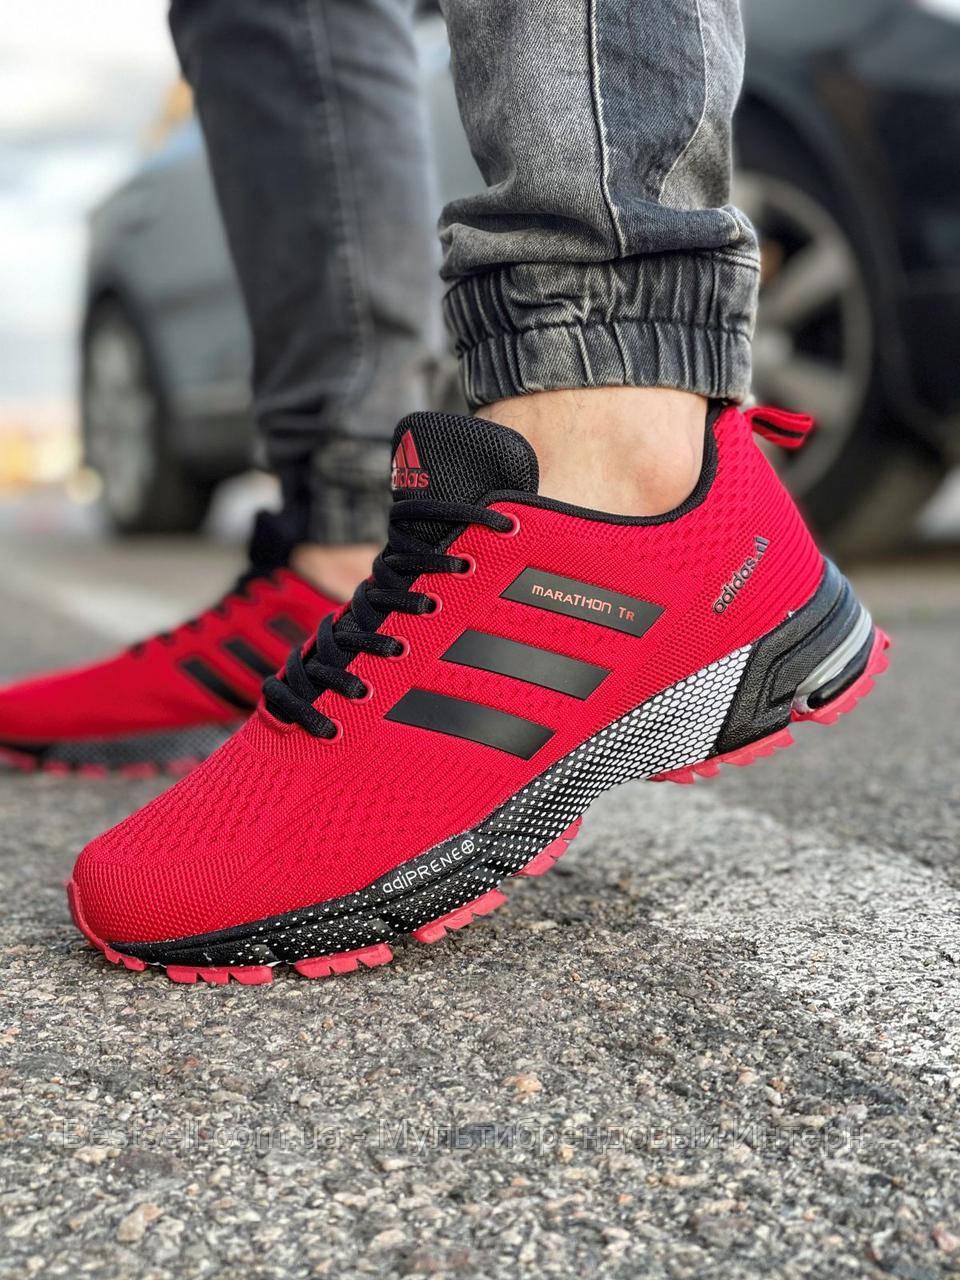 Кросівки чоловічі 18531, Adidas Marathon Tr, червоні, [ 43 ] р. 41-26,8 див.